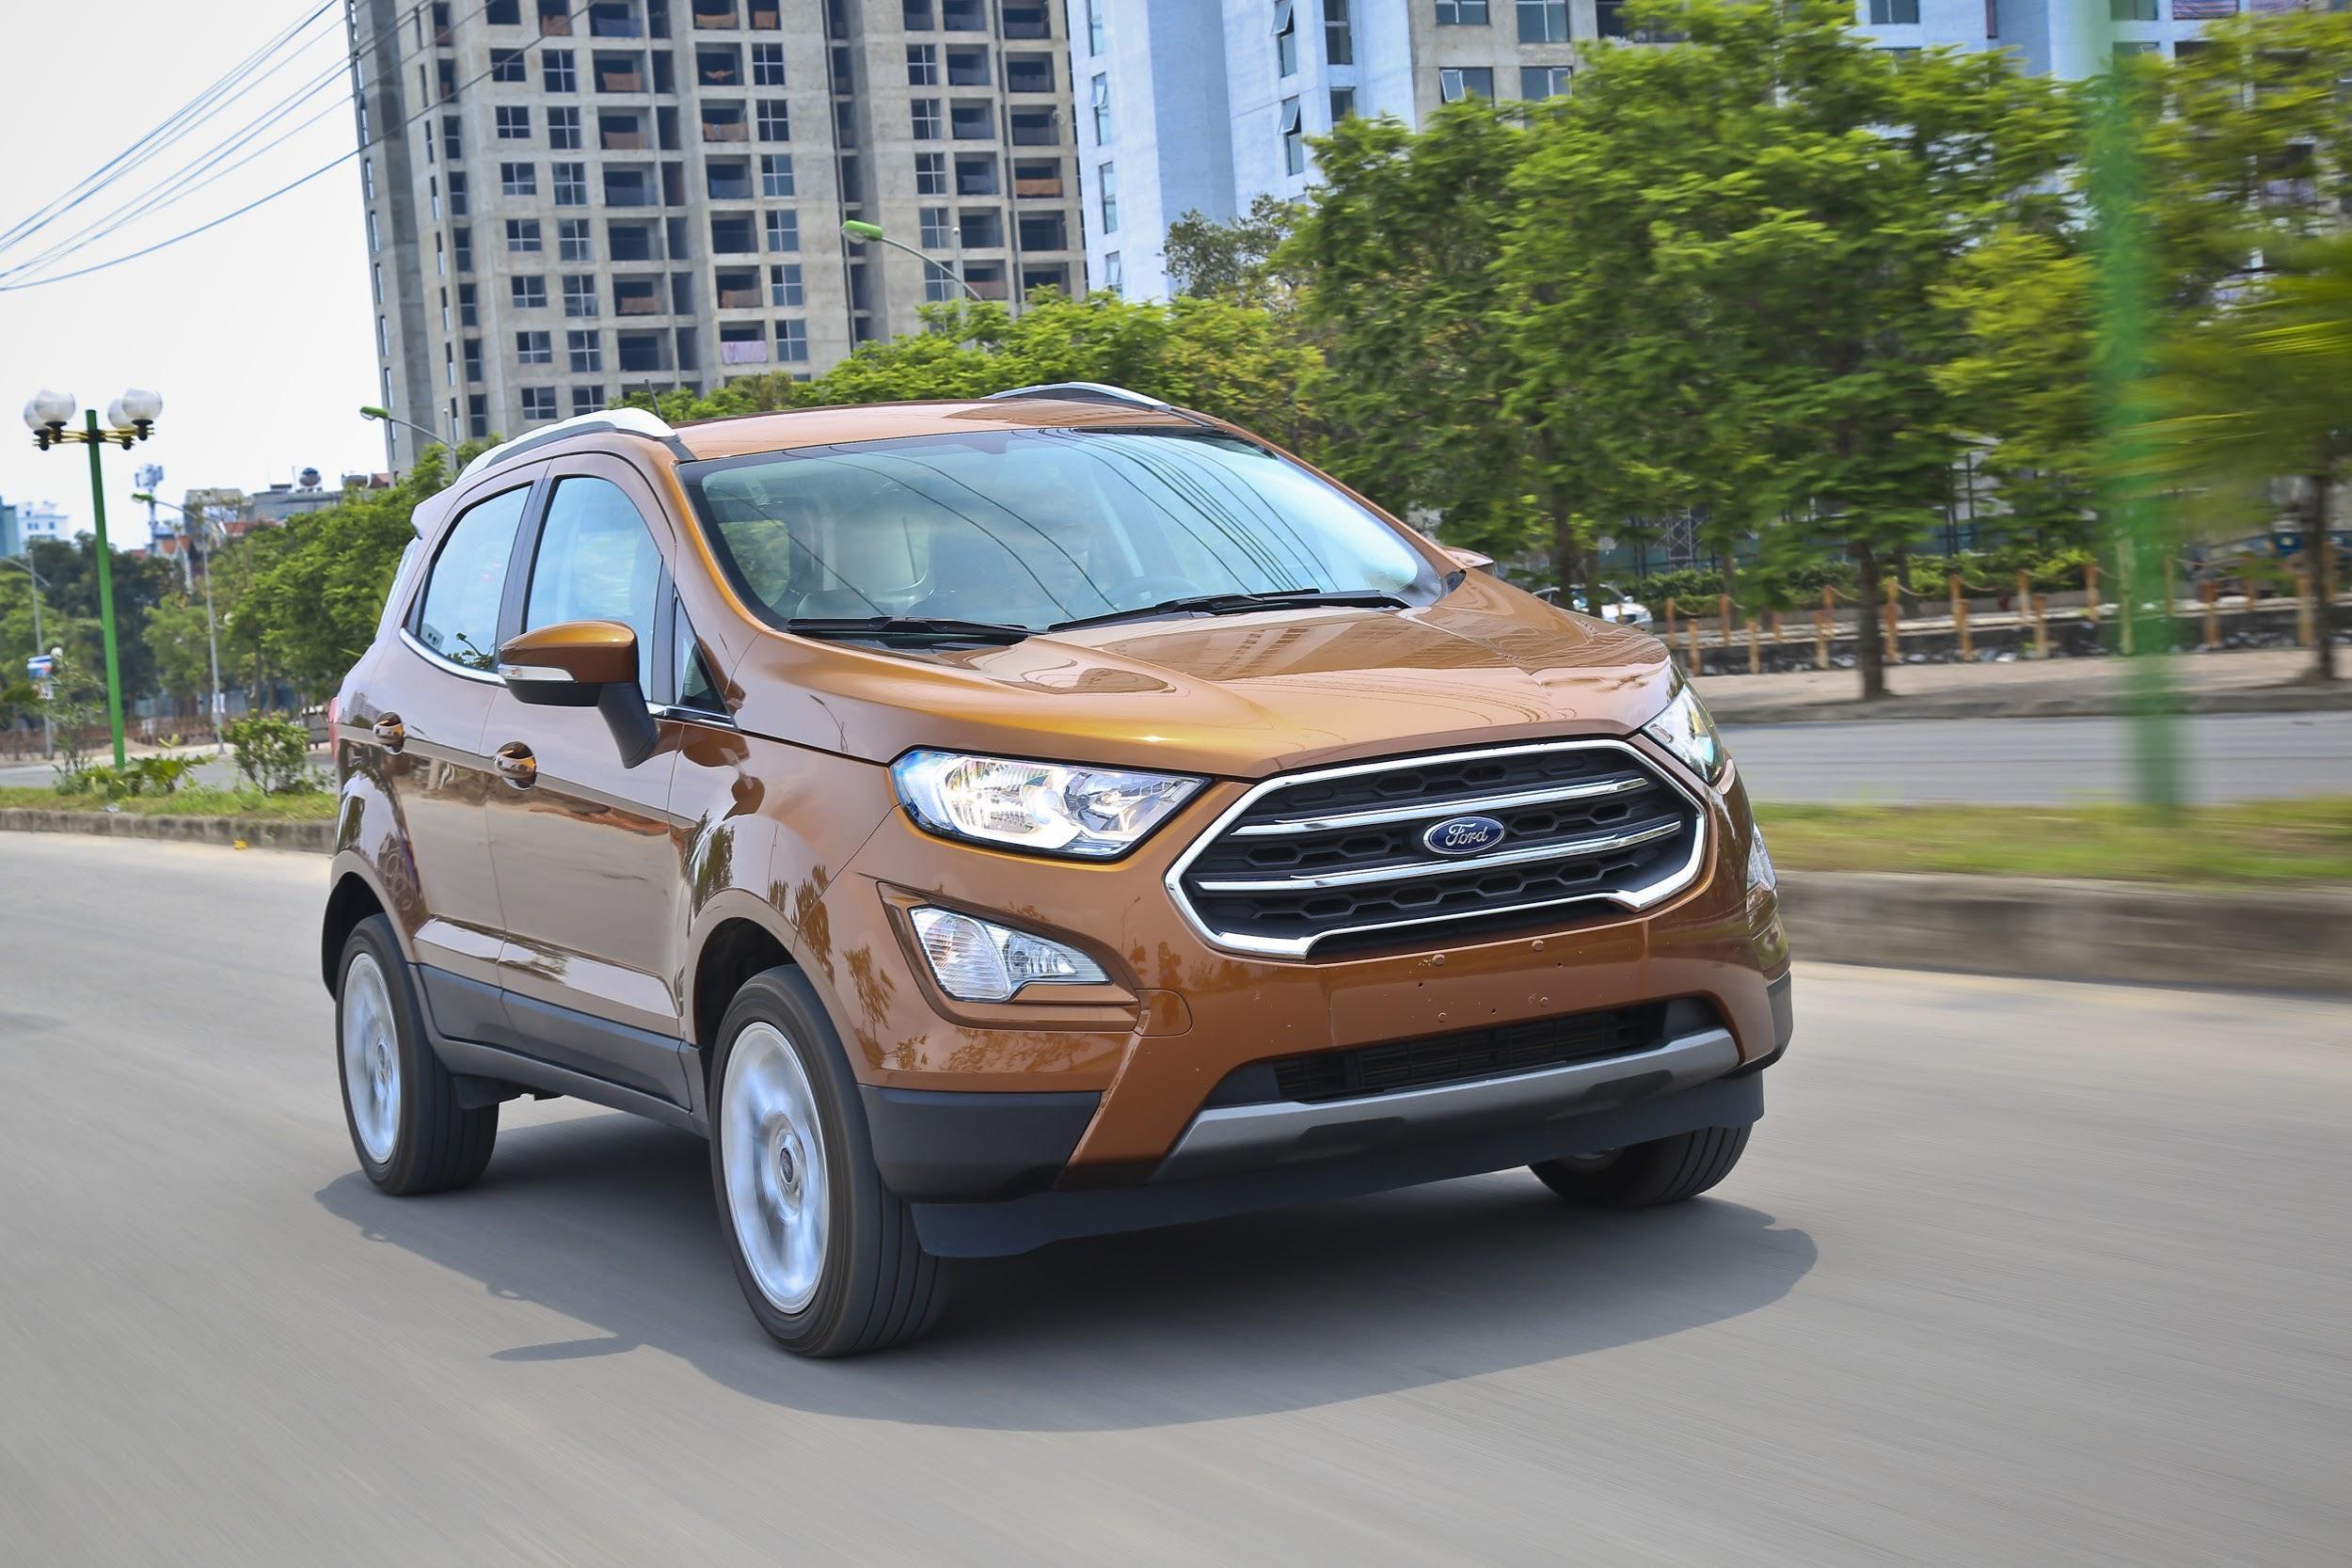 Những mẫu xe đáng mua trong tầm giá 500-600 triệu đồng